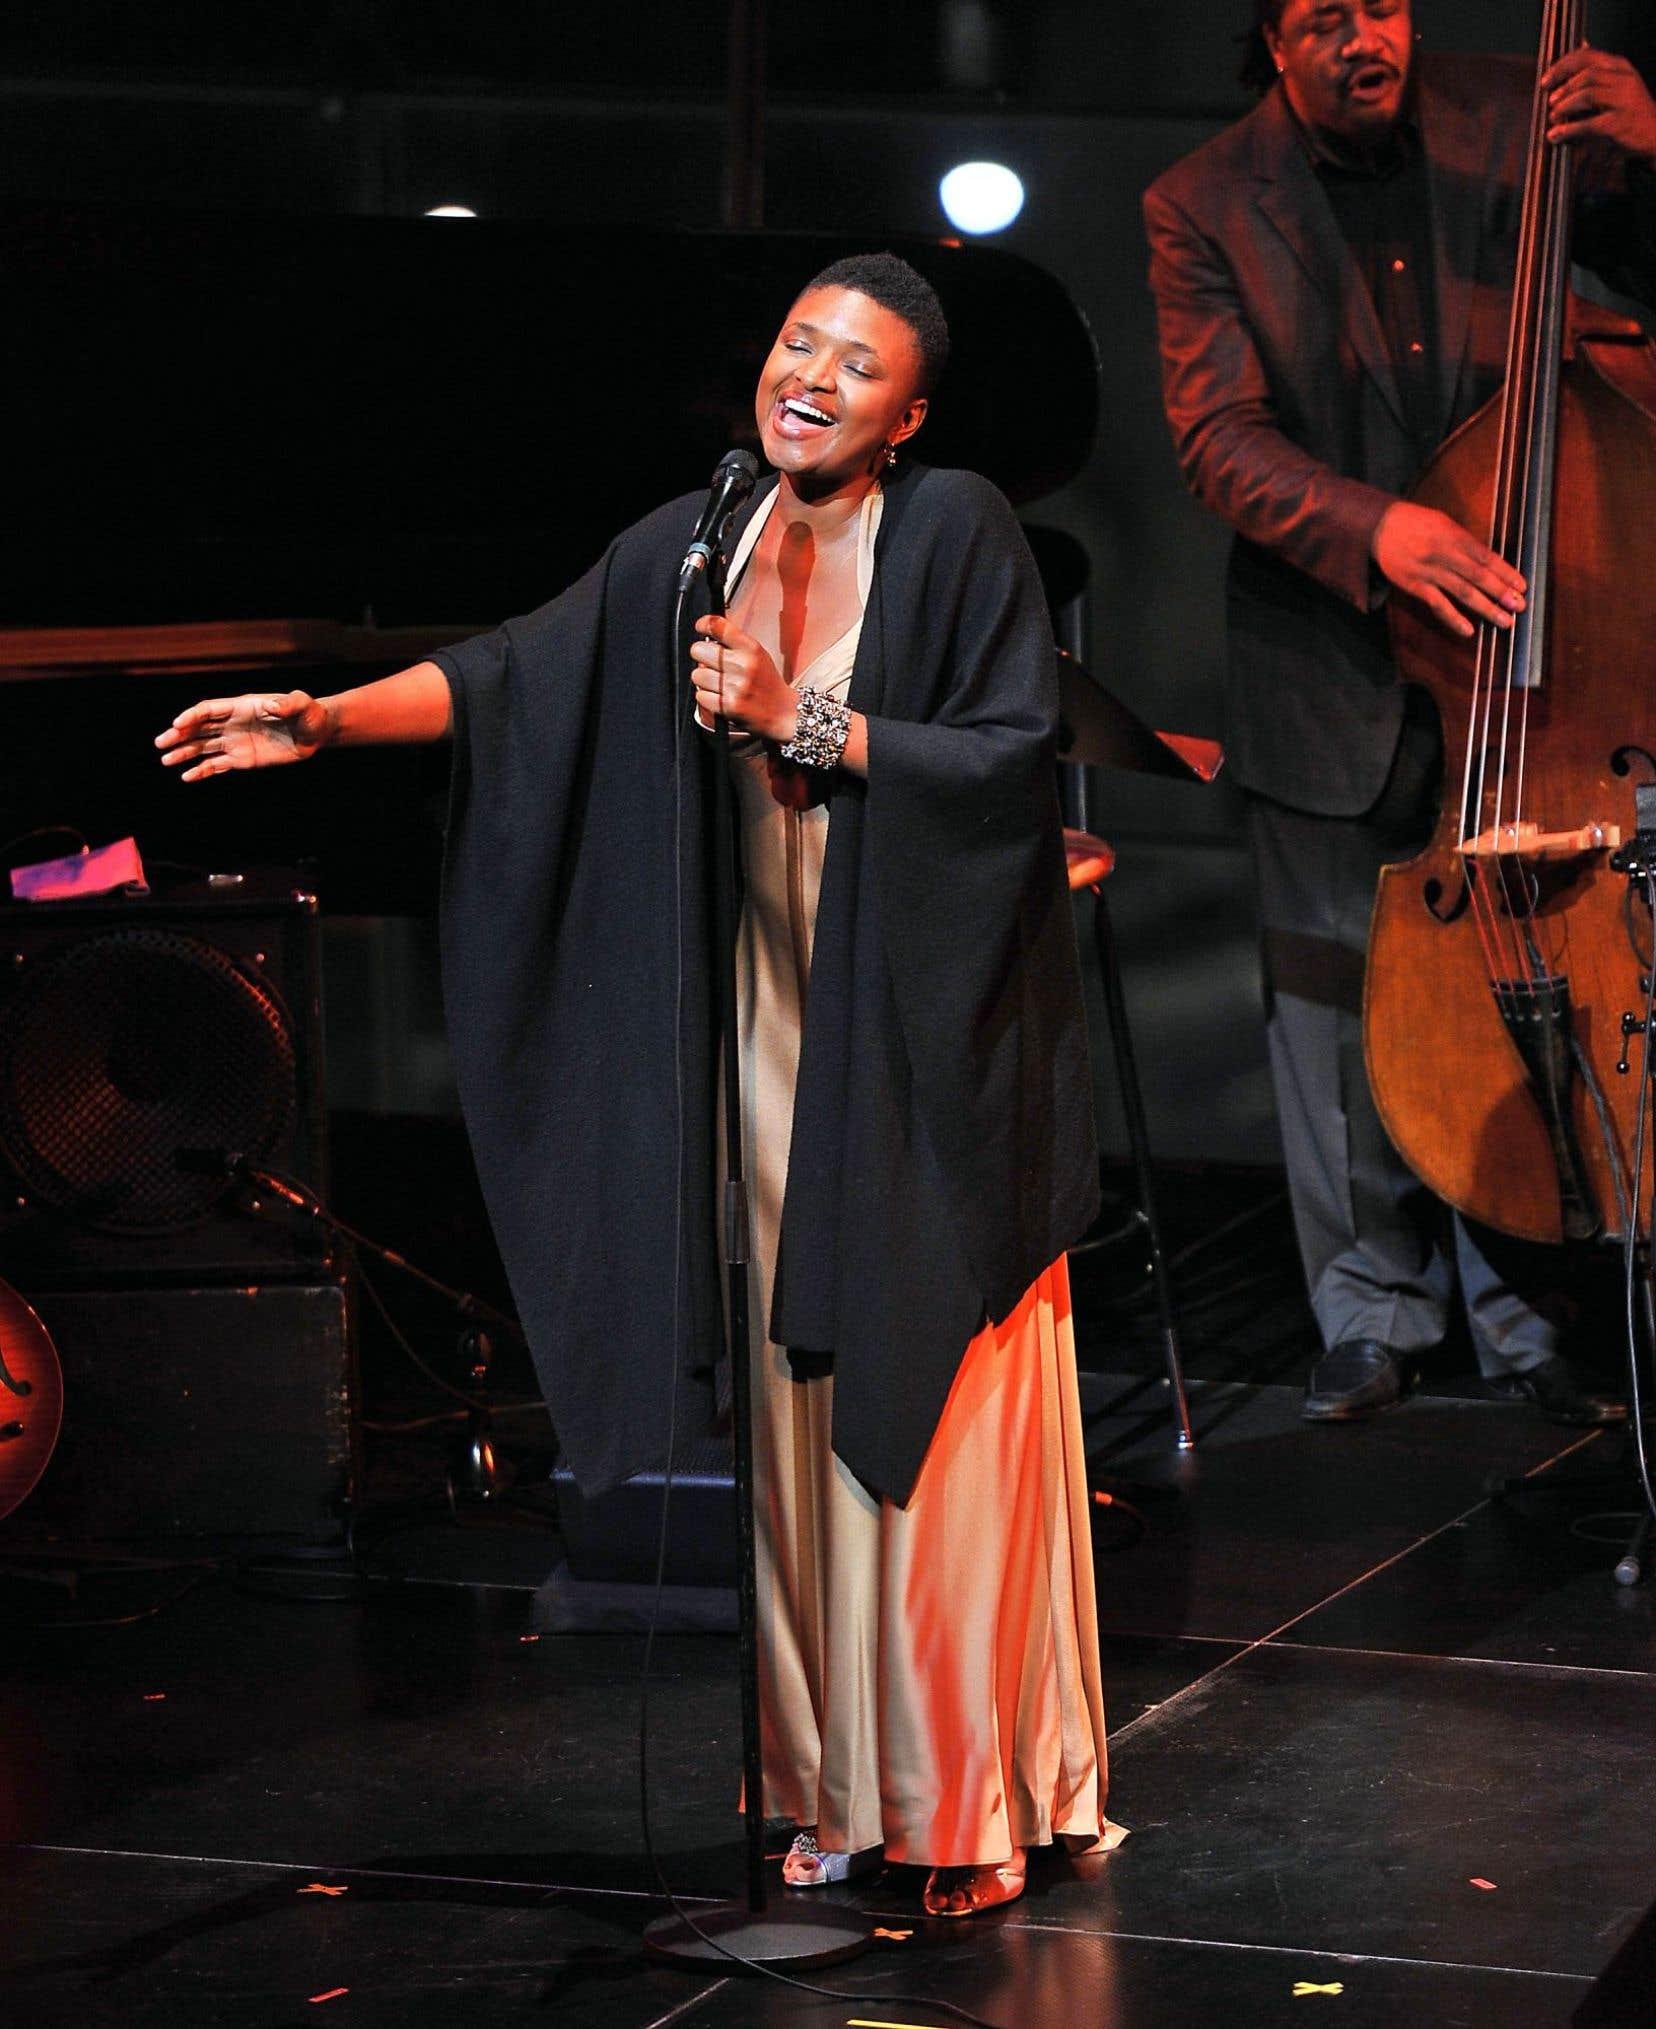 La chanteuse de jazz Lizz Wright au cours d'un concert au Jazz at Lincoln Center le 2 novembre 2011 à New York